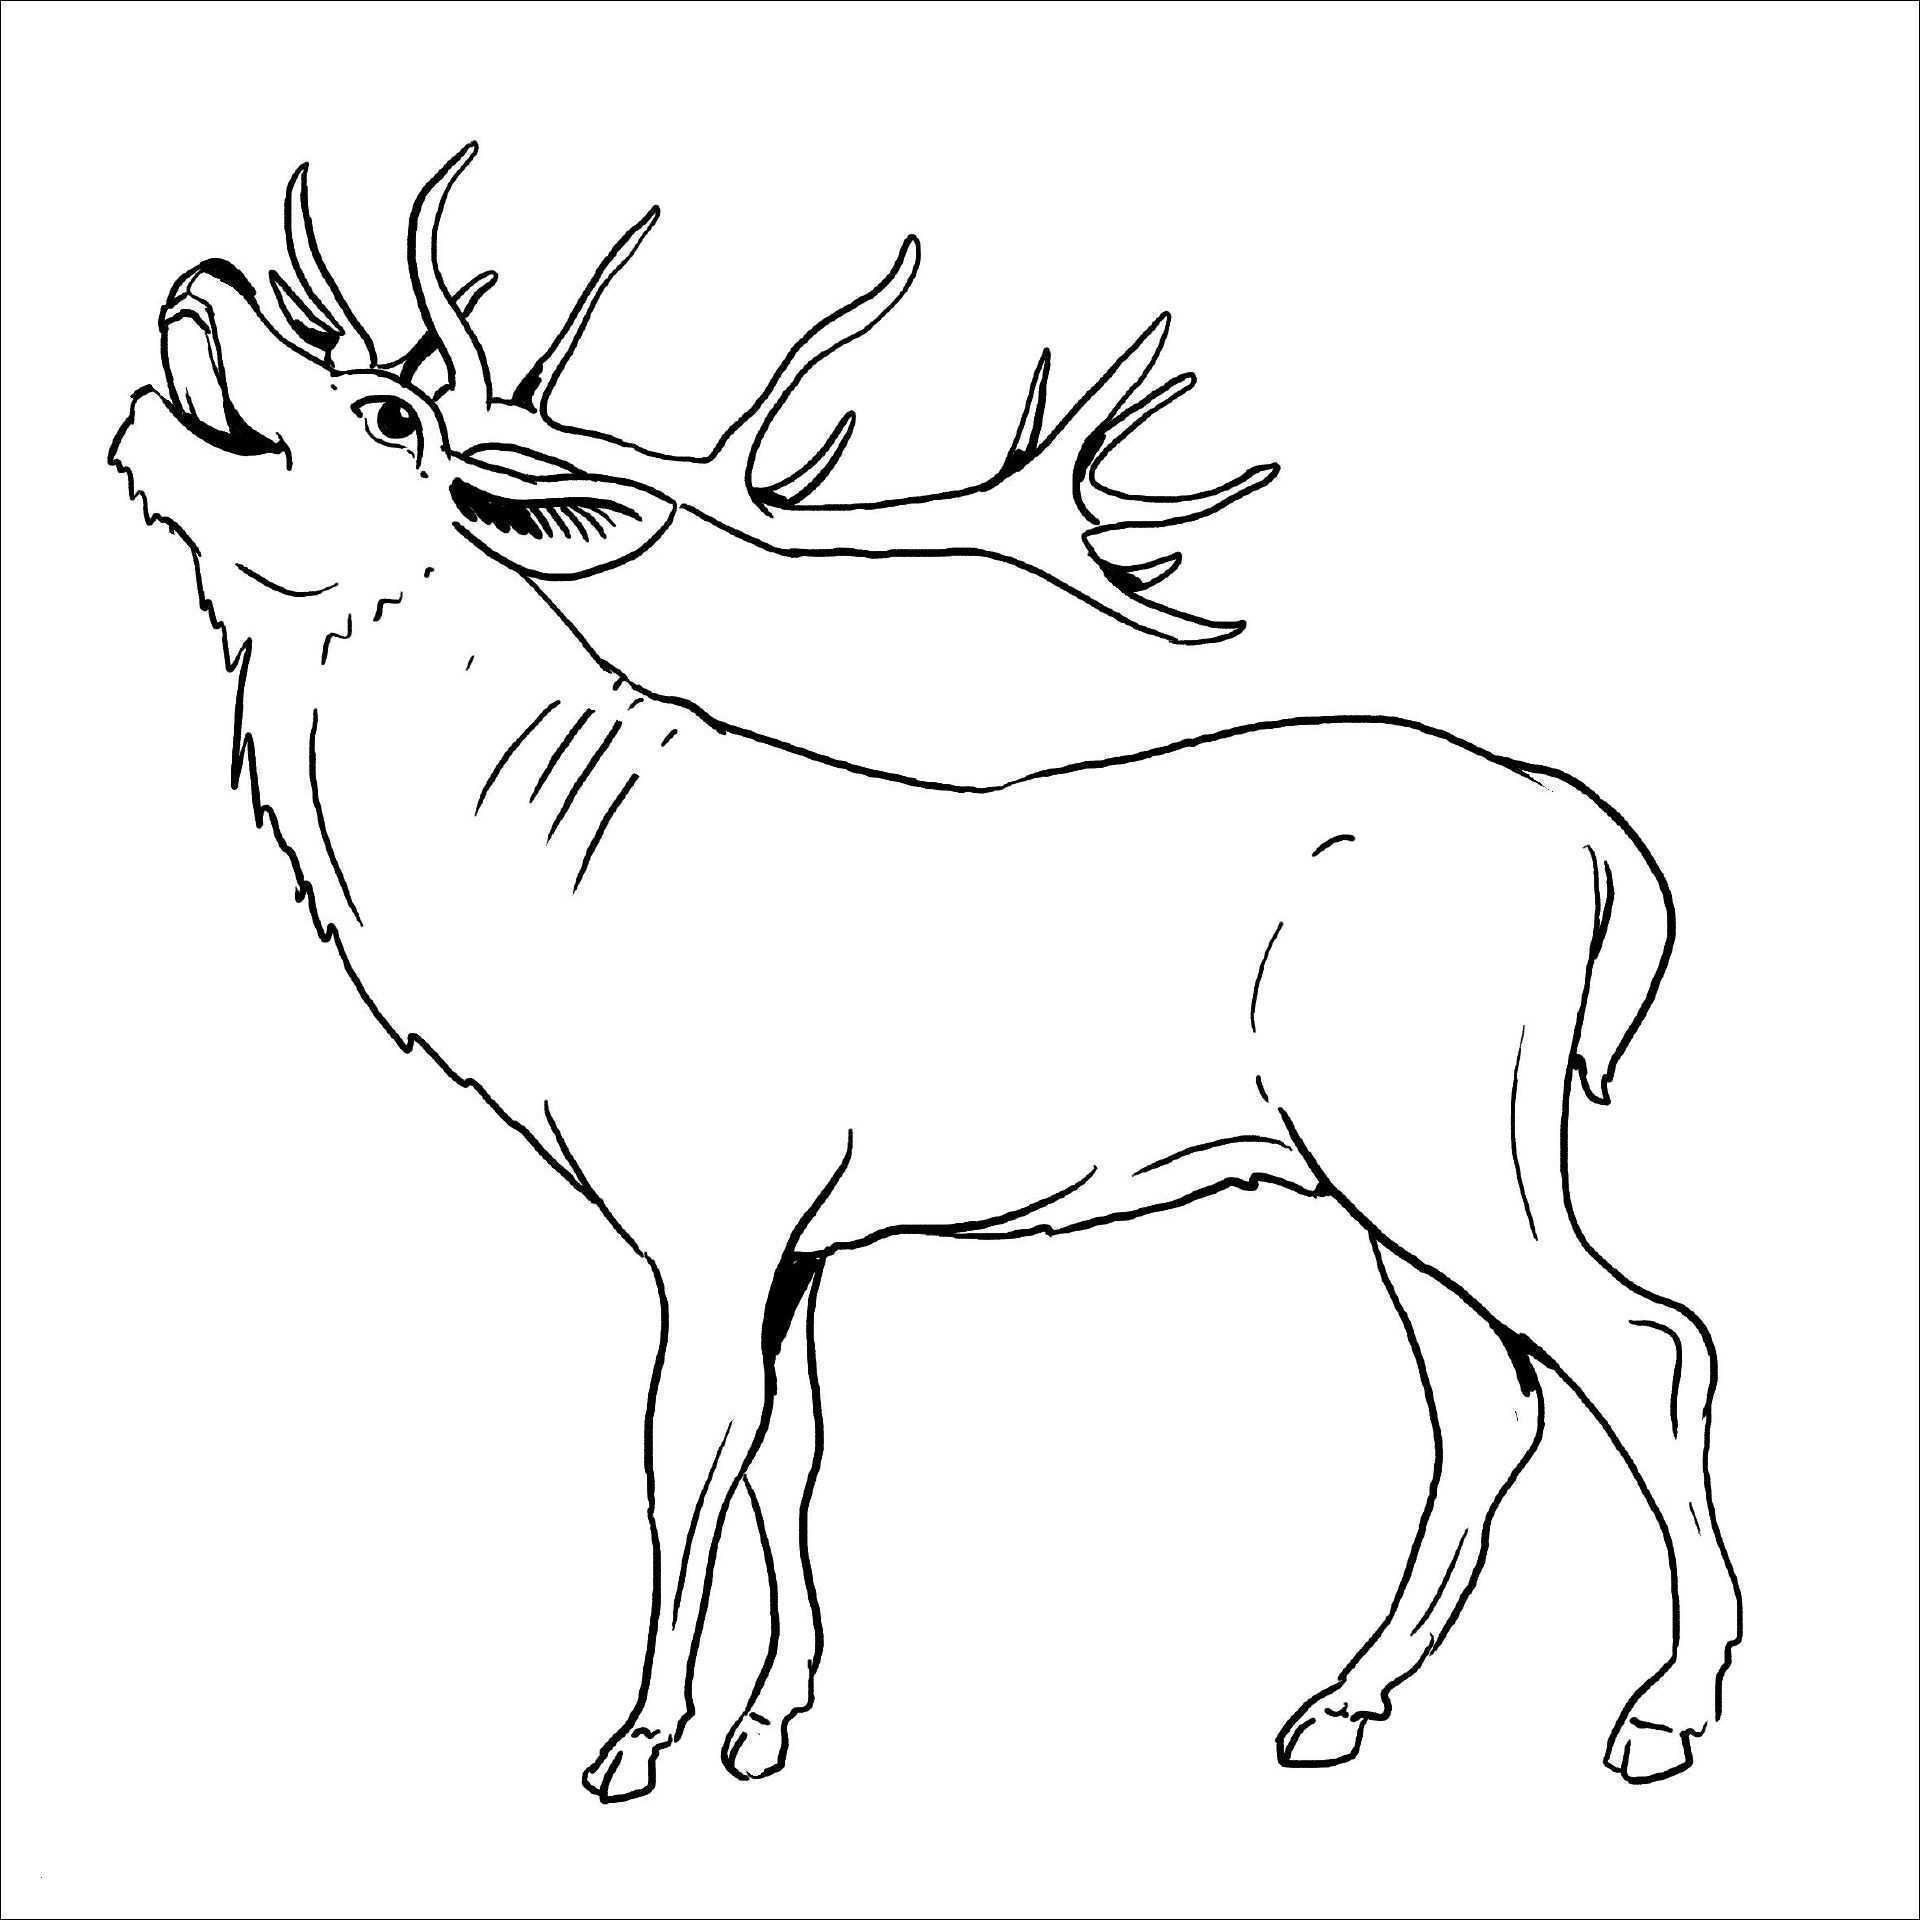 Ausmalbilder Tiere Im Wald Inspirierend Ausmalbild Tiere Im Wald Ich Liebe Dich Ausmalbilder Schön Bild